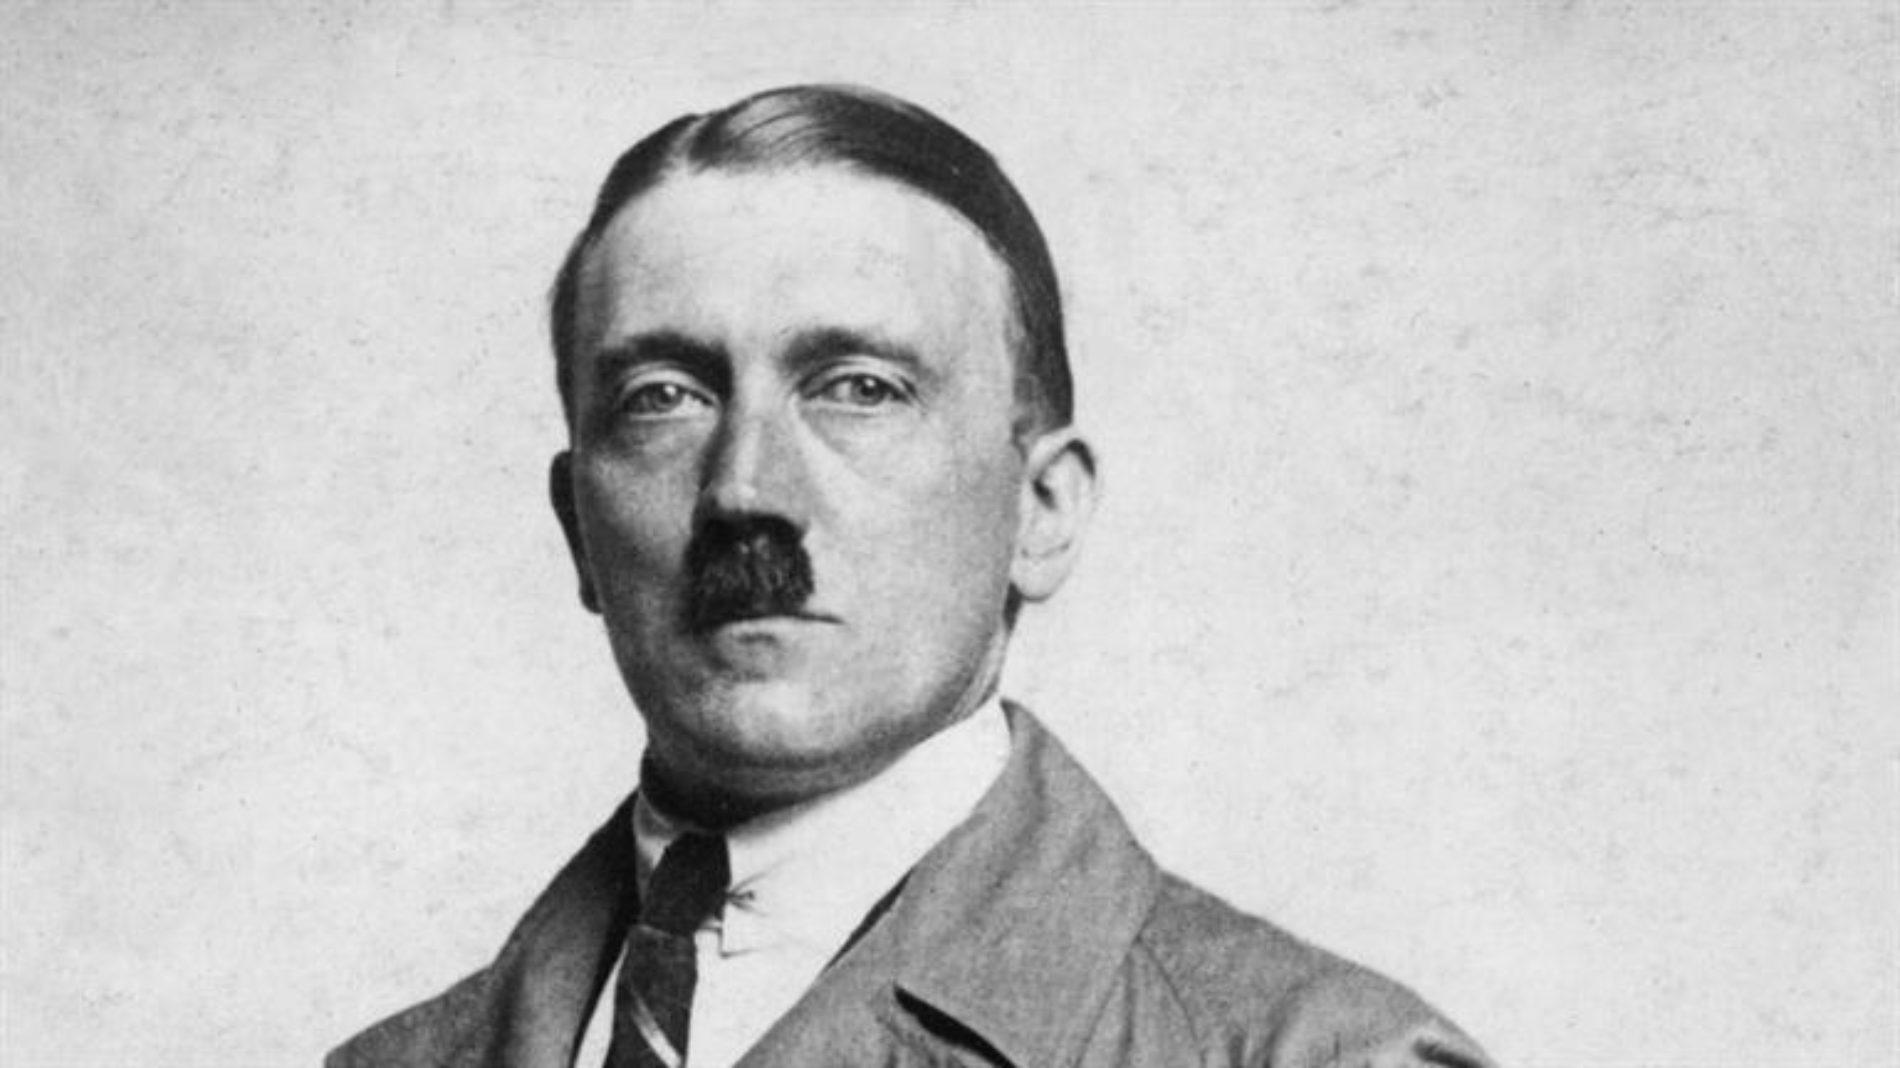 Hitler ztratil při dobývání pevnosti Eben-Emael celkem 24 mužů.